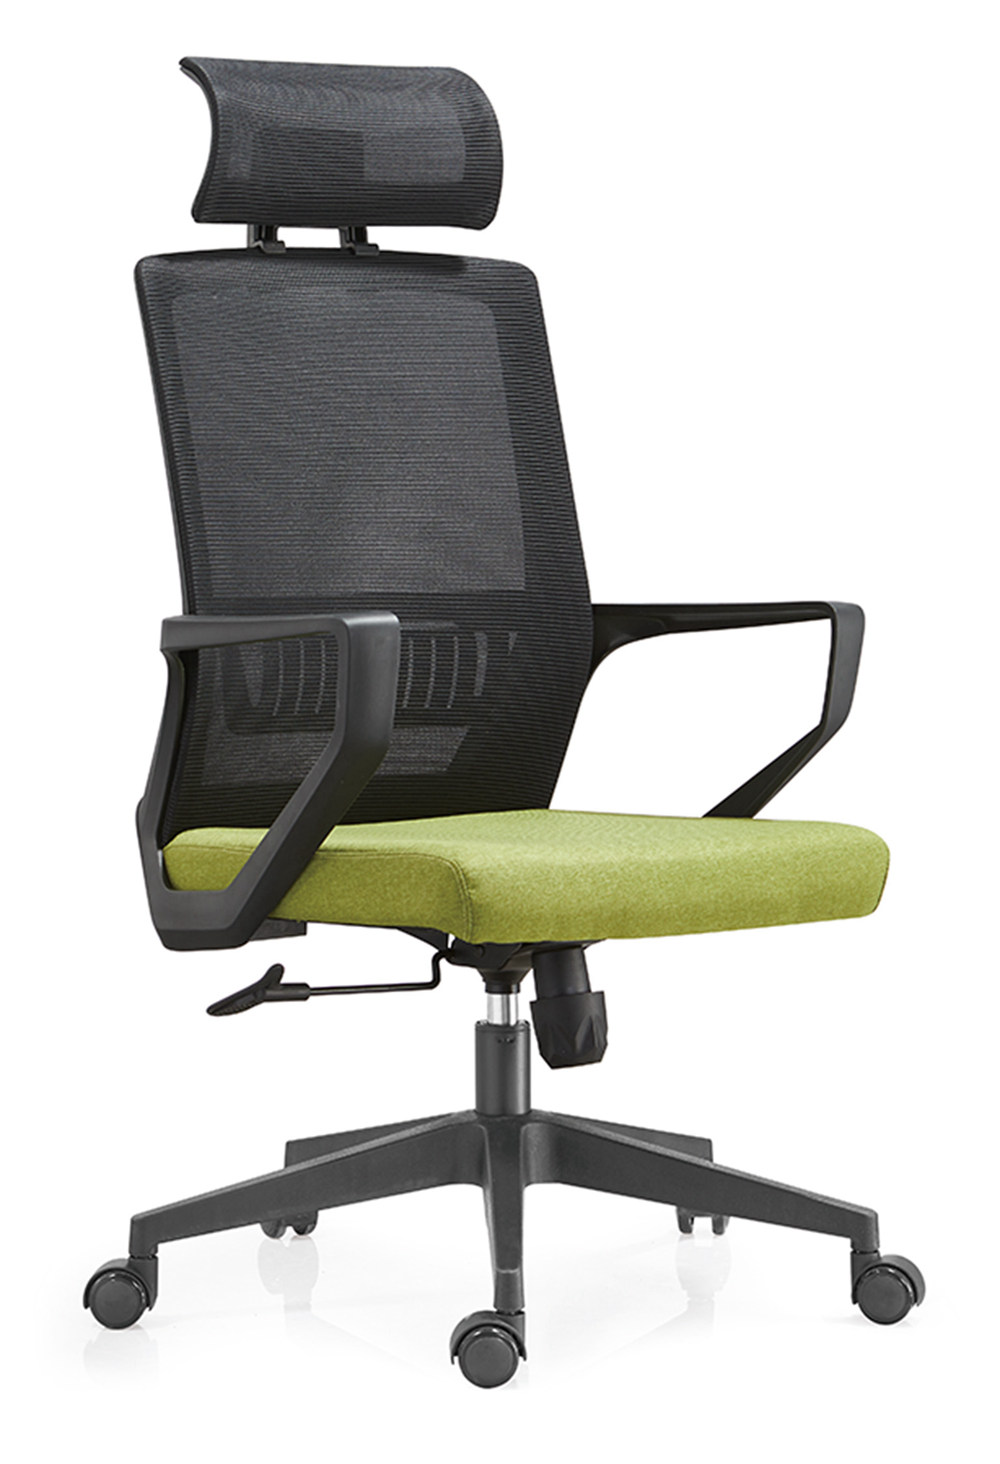 经理椅-15